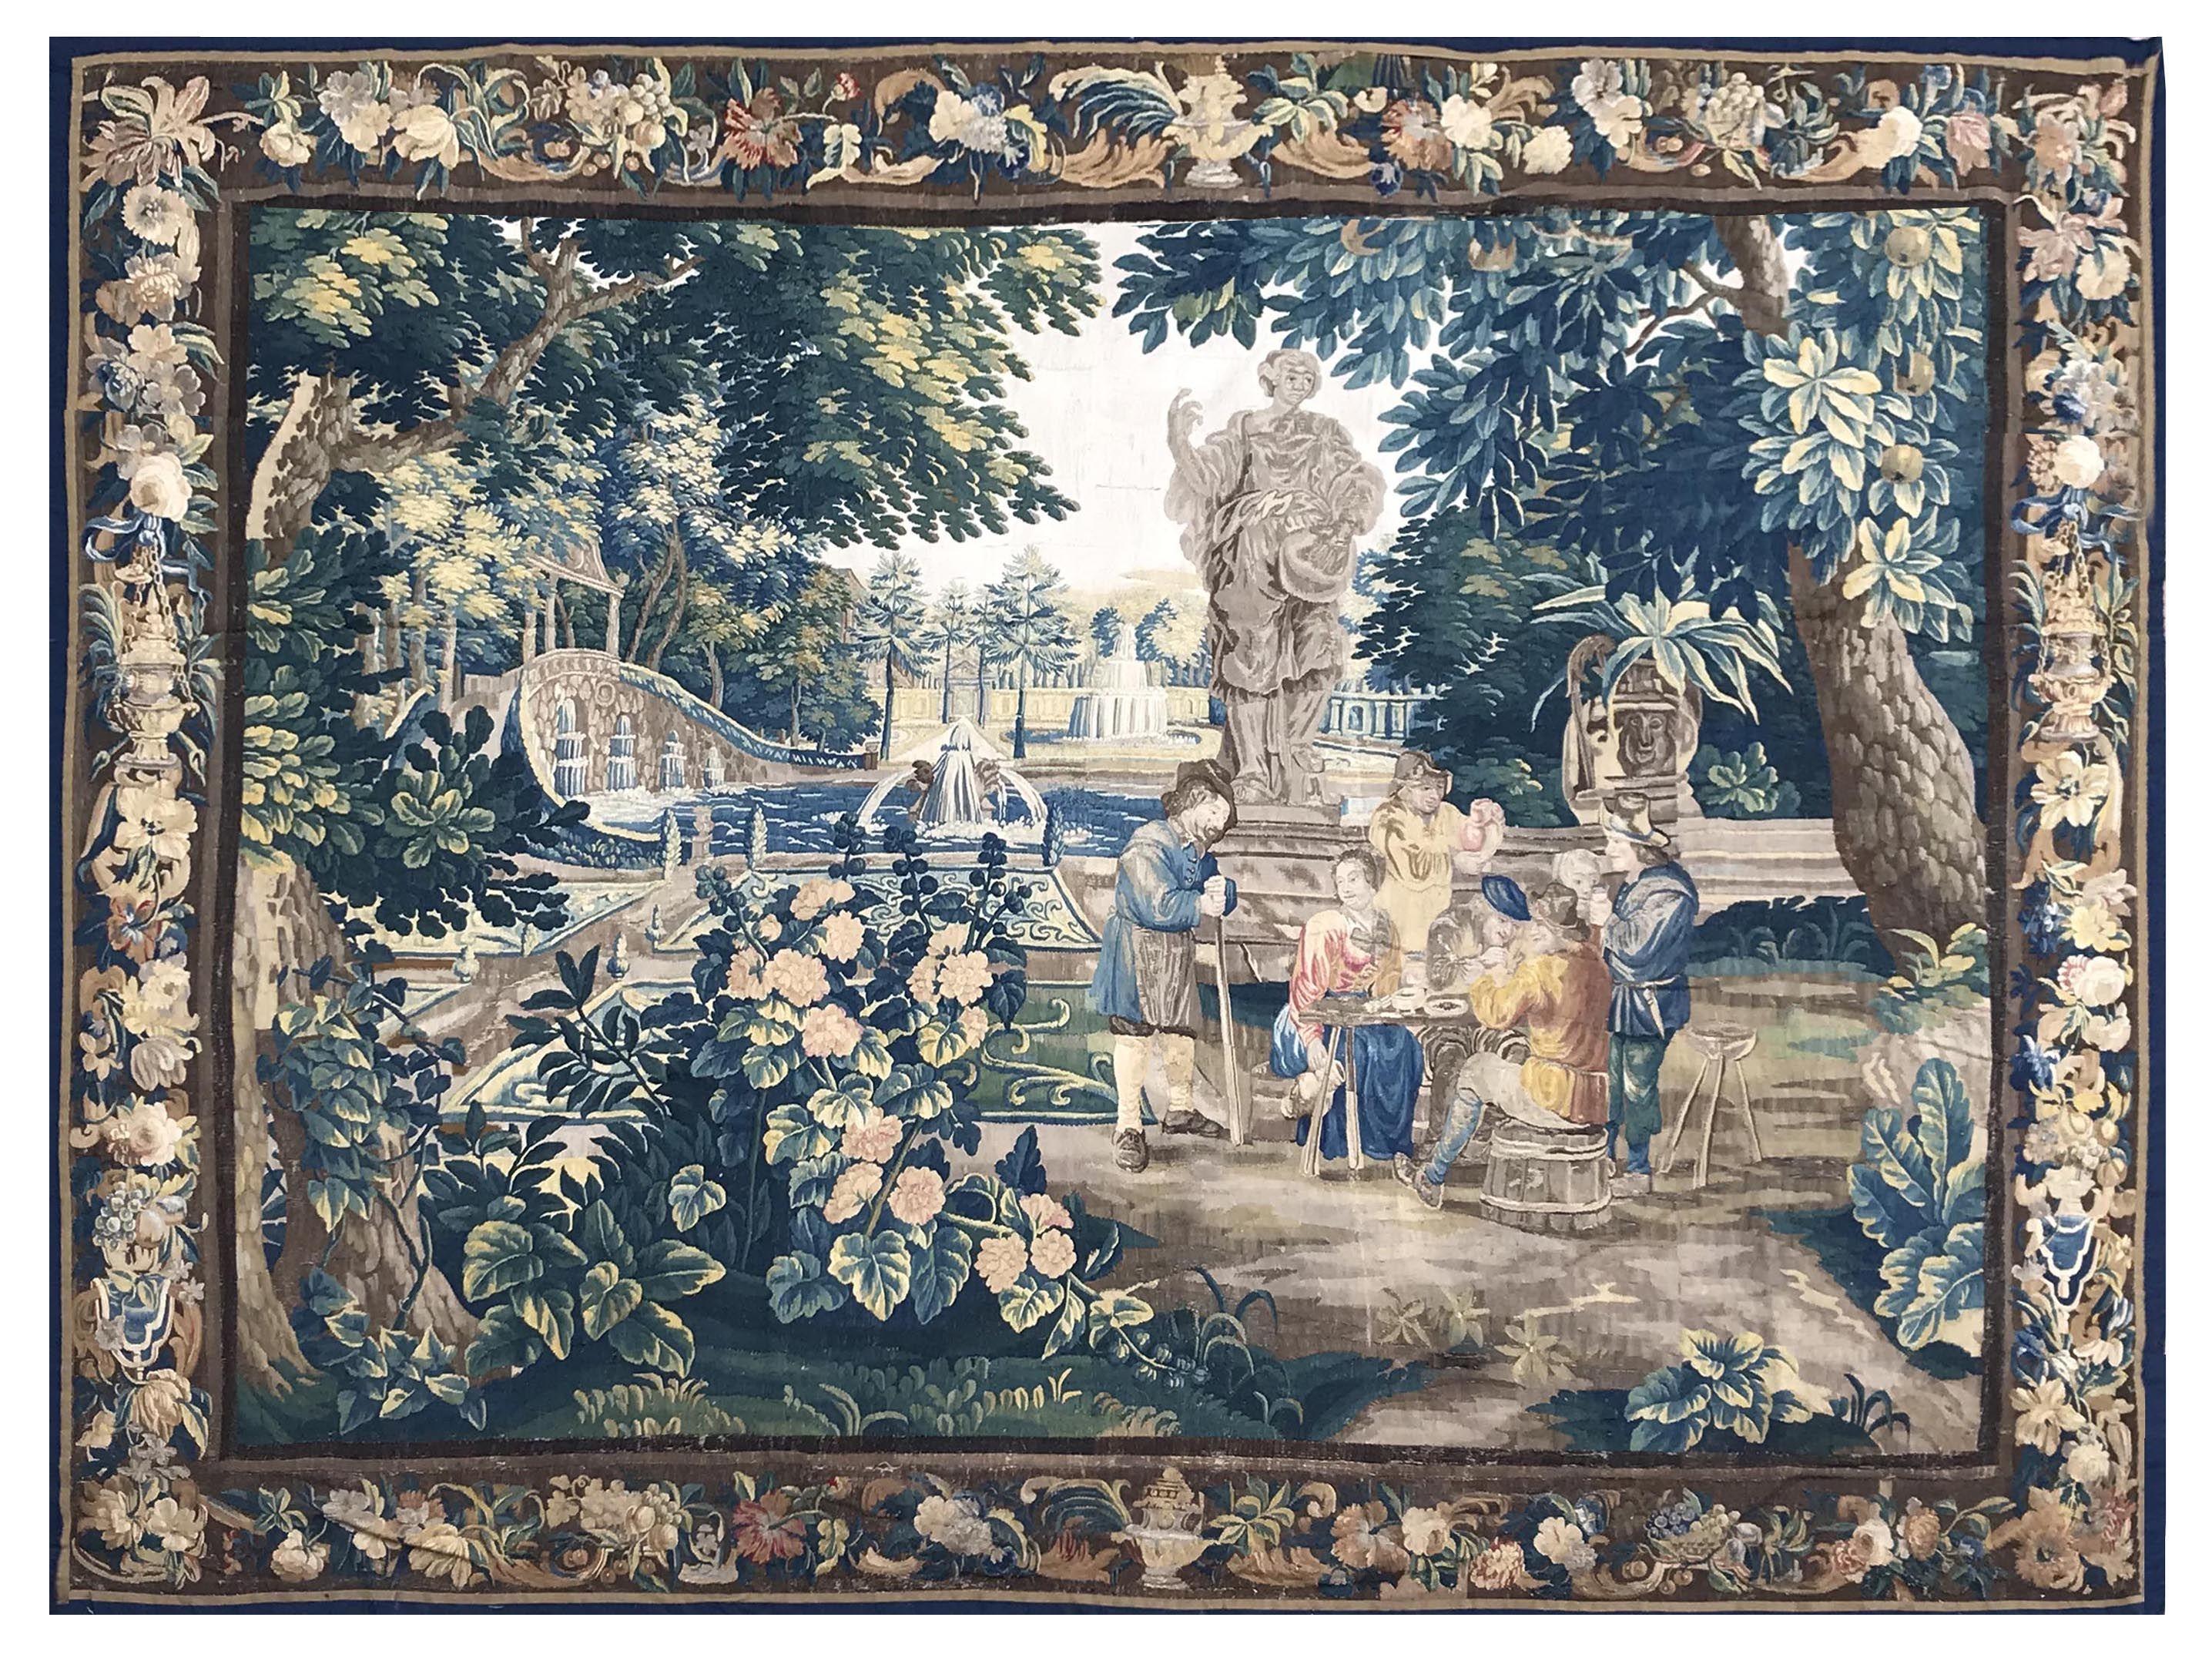 Tapisserie Des Flandres Circa 1680 D Apres David Teniers Tapisserie Tapisserie Aubusson Les Arts